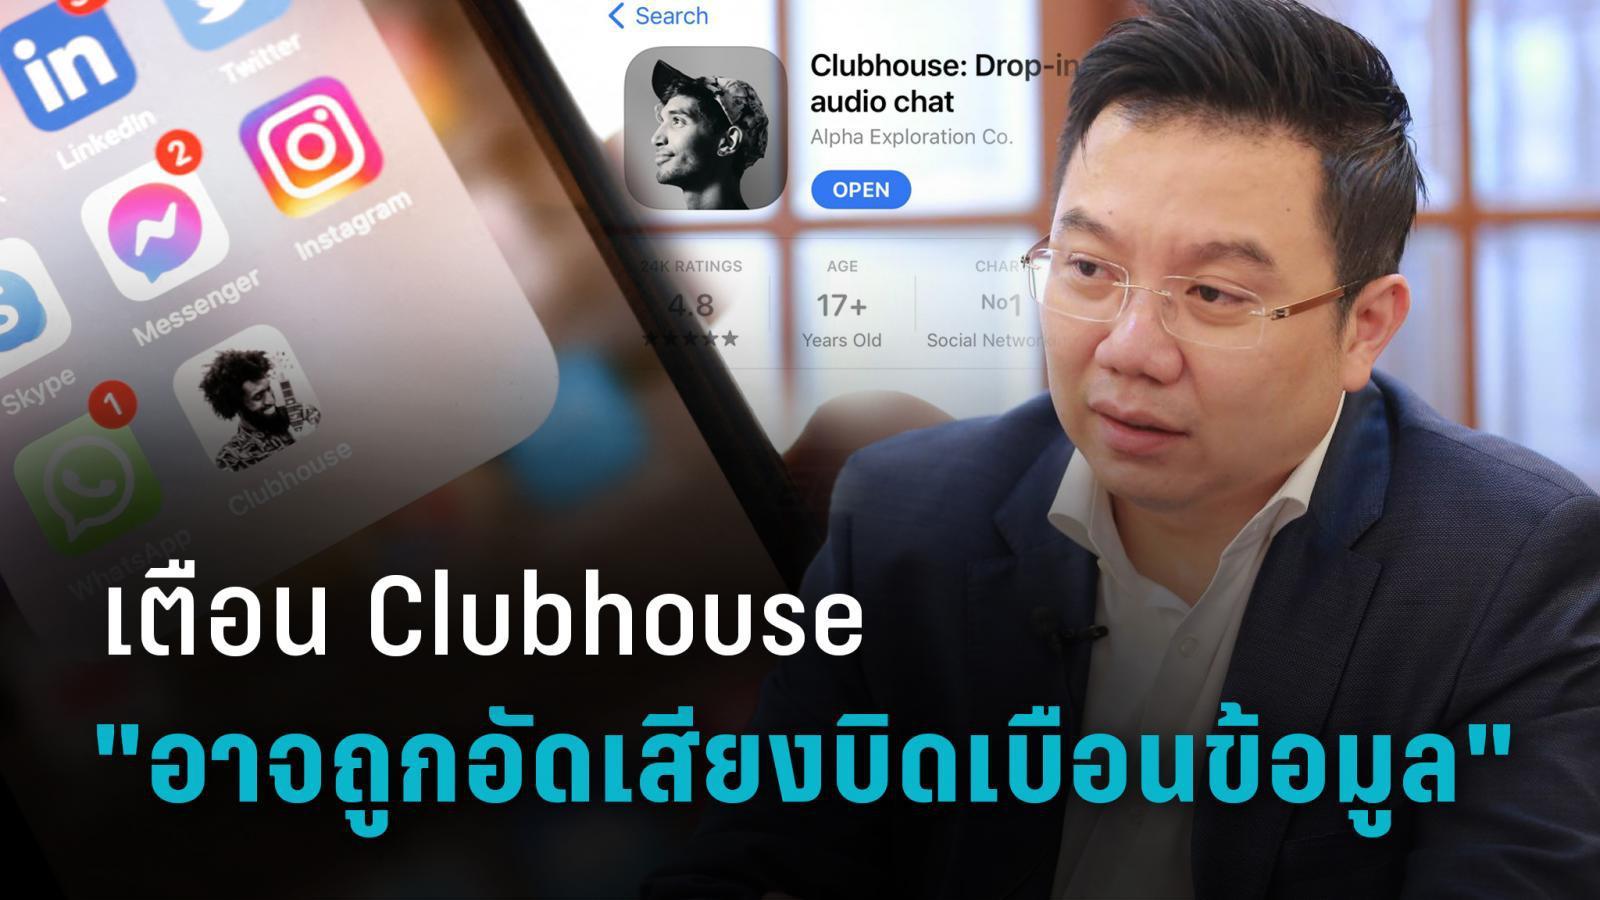 นักกฎหมายเตือนเล่น Clubhouse อาจถูกนำข้อมูลไปบิดเบือน